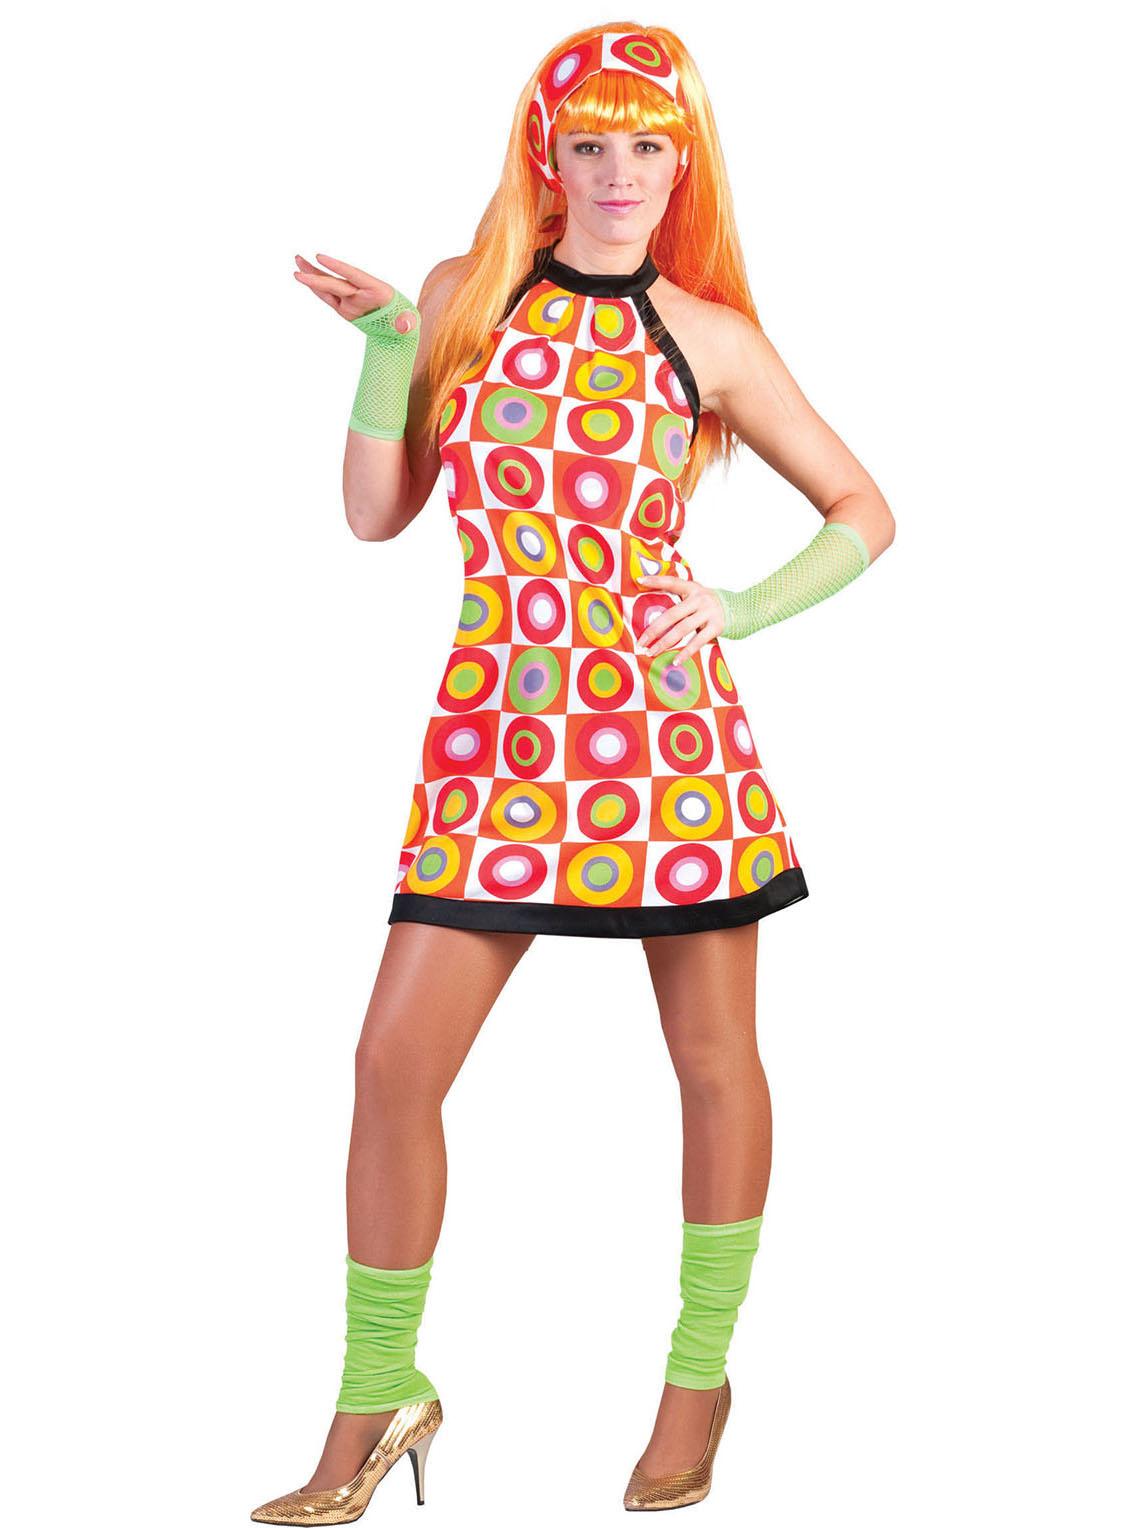 e2892b0314126 Déguisements adultes Orange, vente de costumes homme   femme pas ...